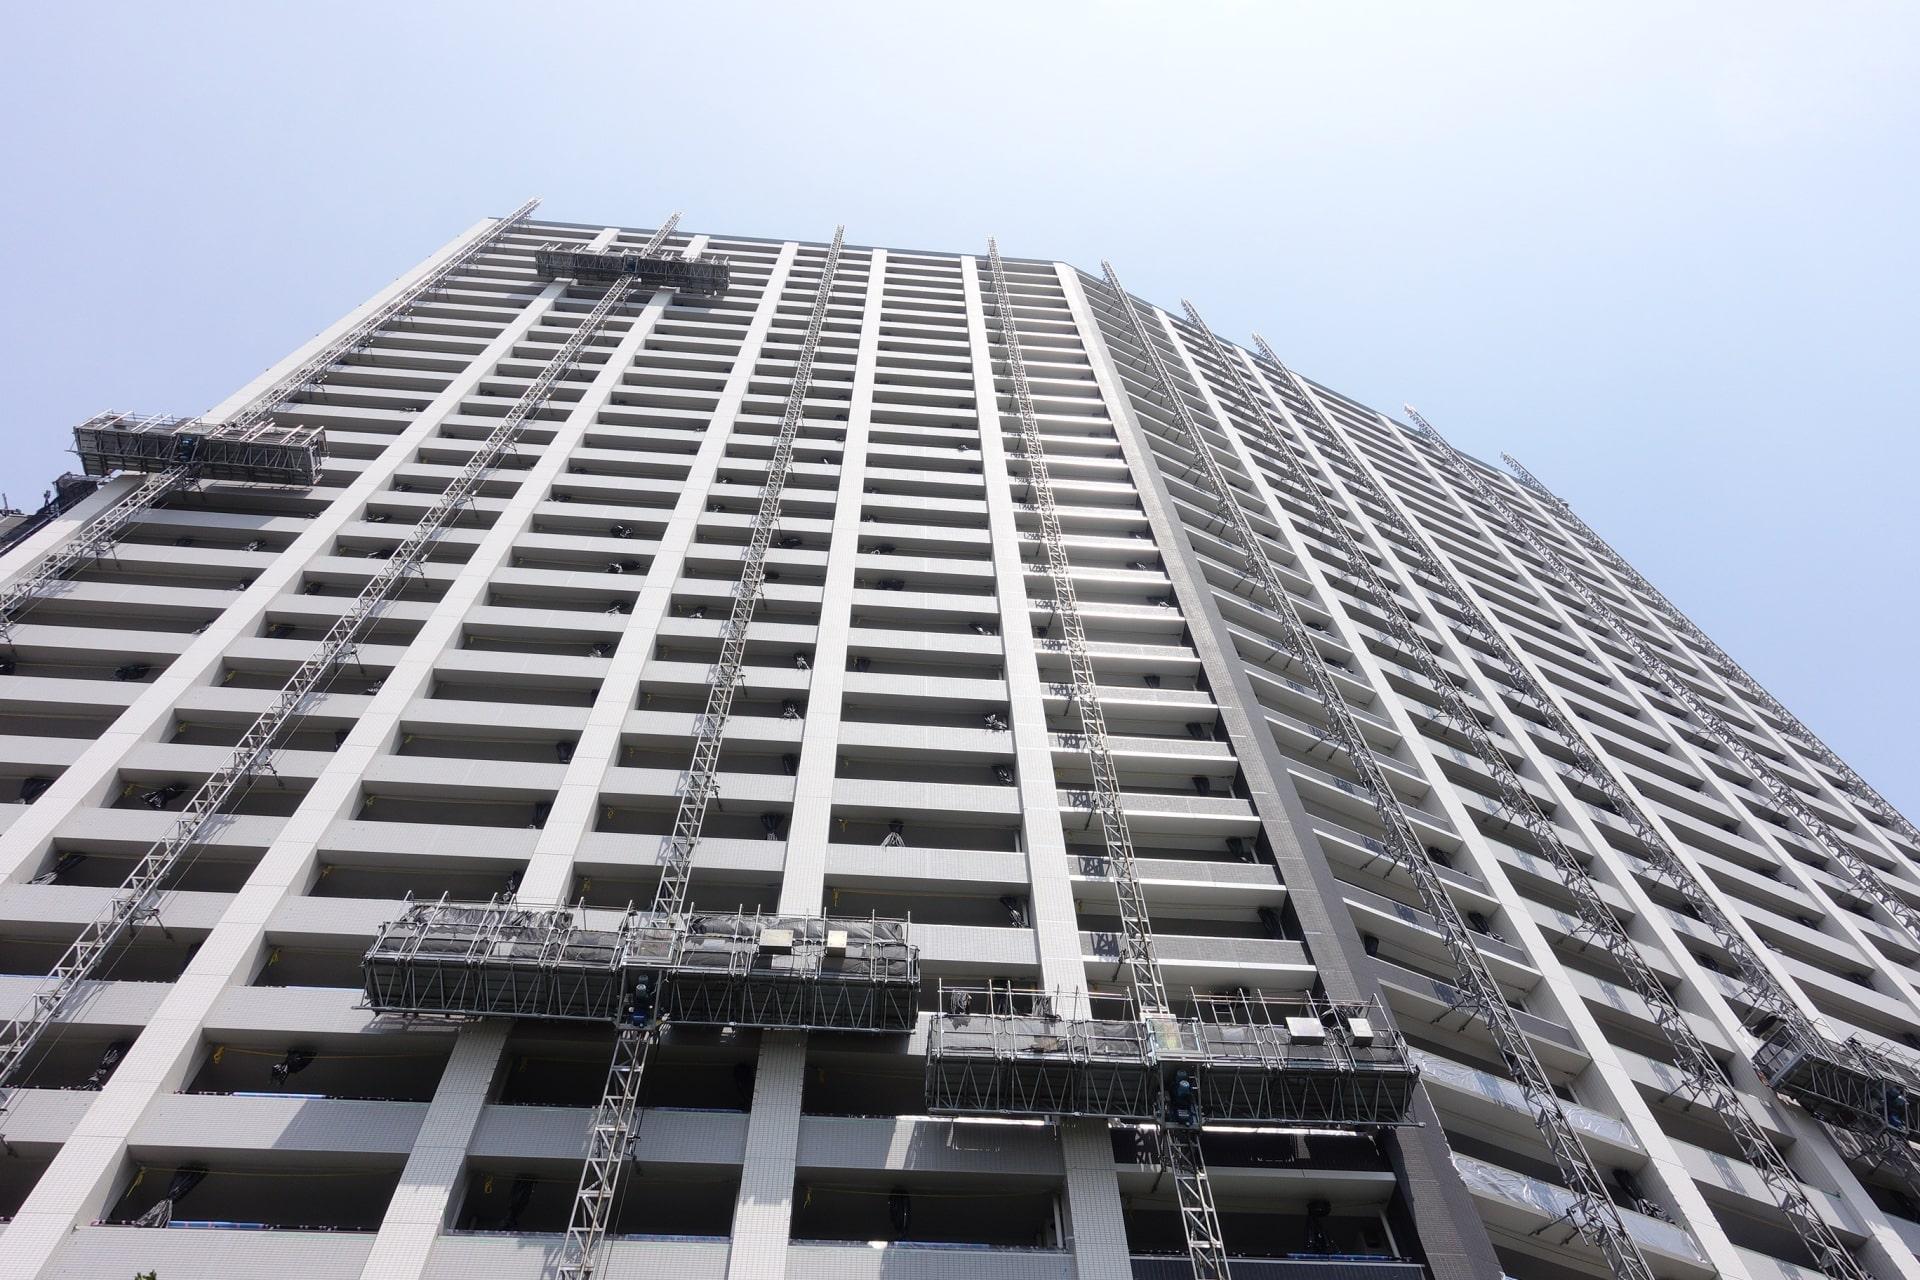 大規模修繕工事の周期伸長に向けたタワーマンションの取り組み